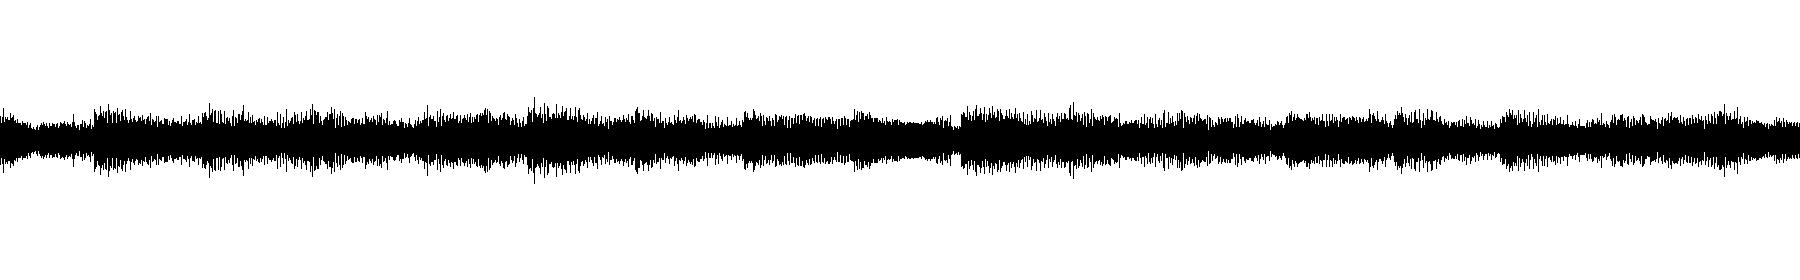 8 audio 0001 2019 11 29 202809